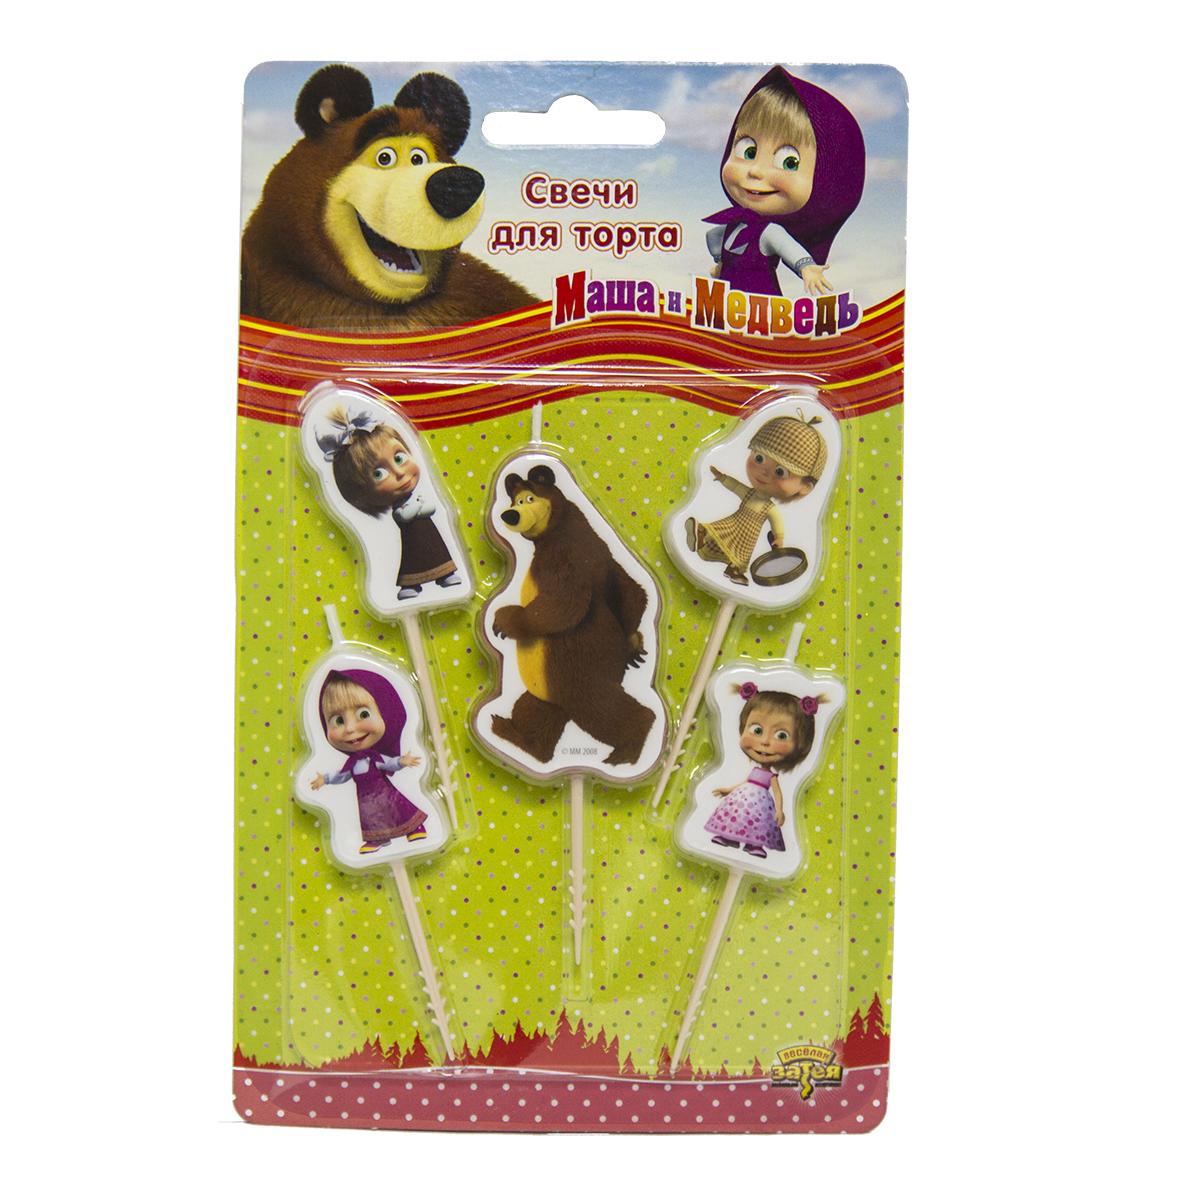 Маша и Медведь Свечи для торта на пиках 5 шт книги эгмонт маша и медведь один дома праздник на льду снежные приключения